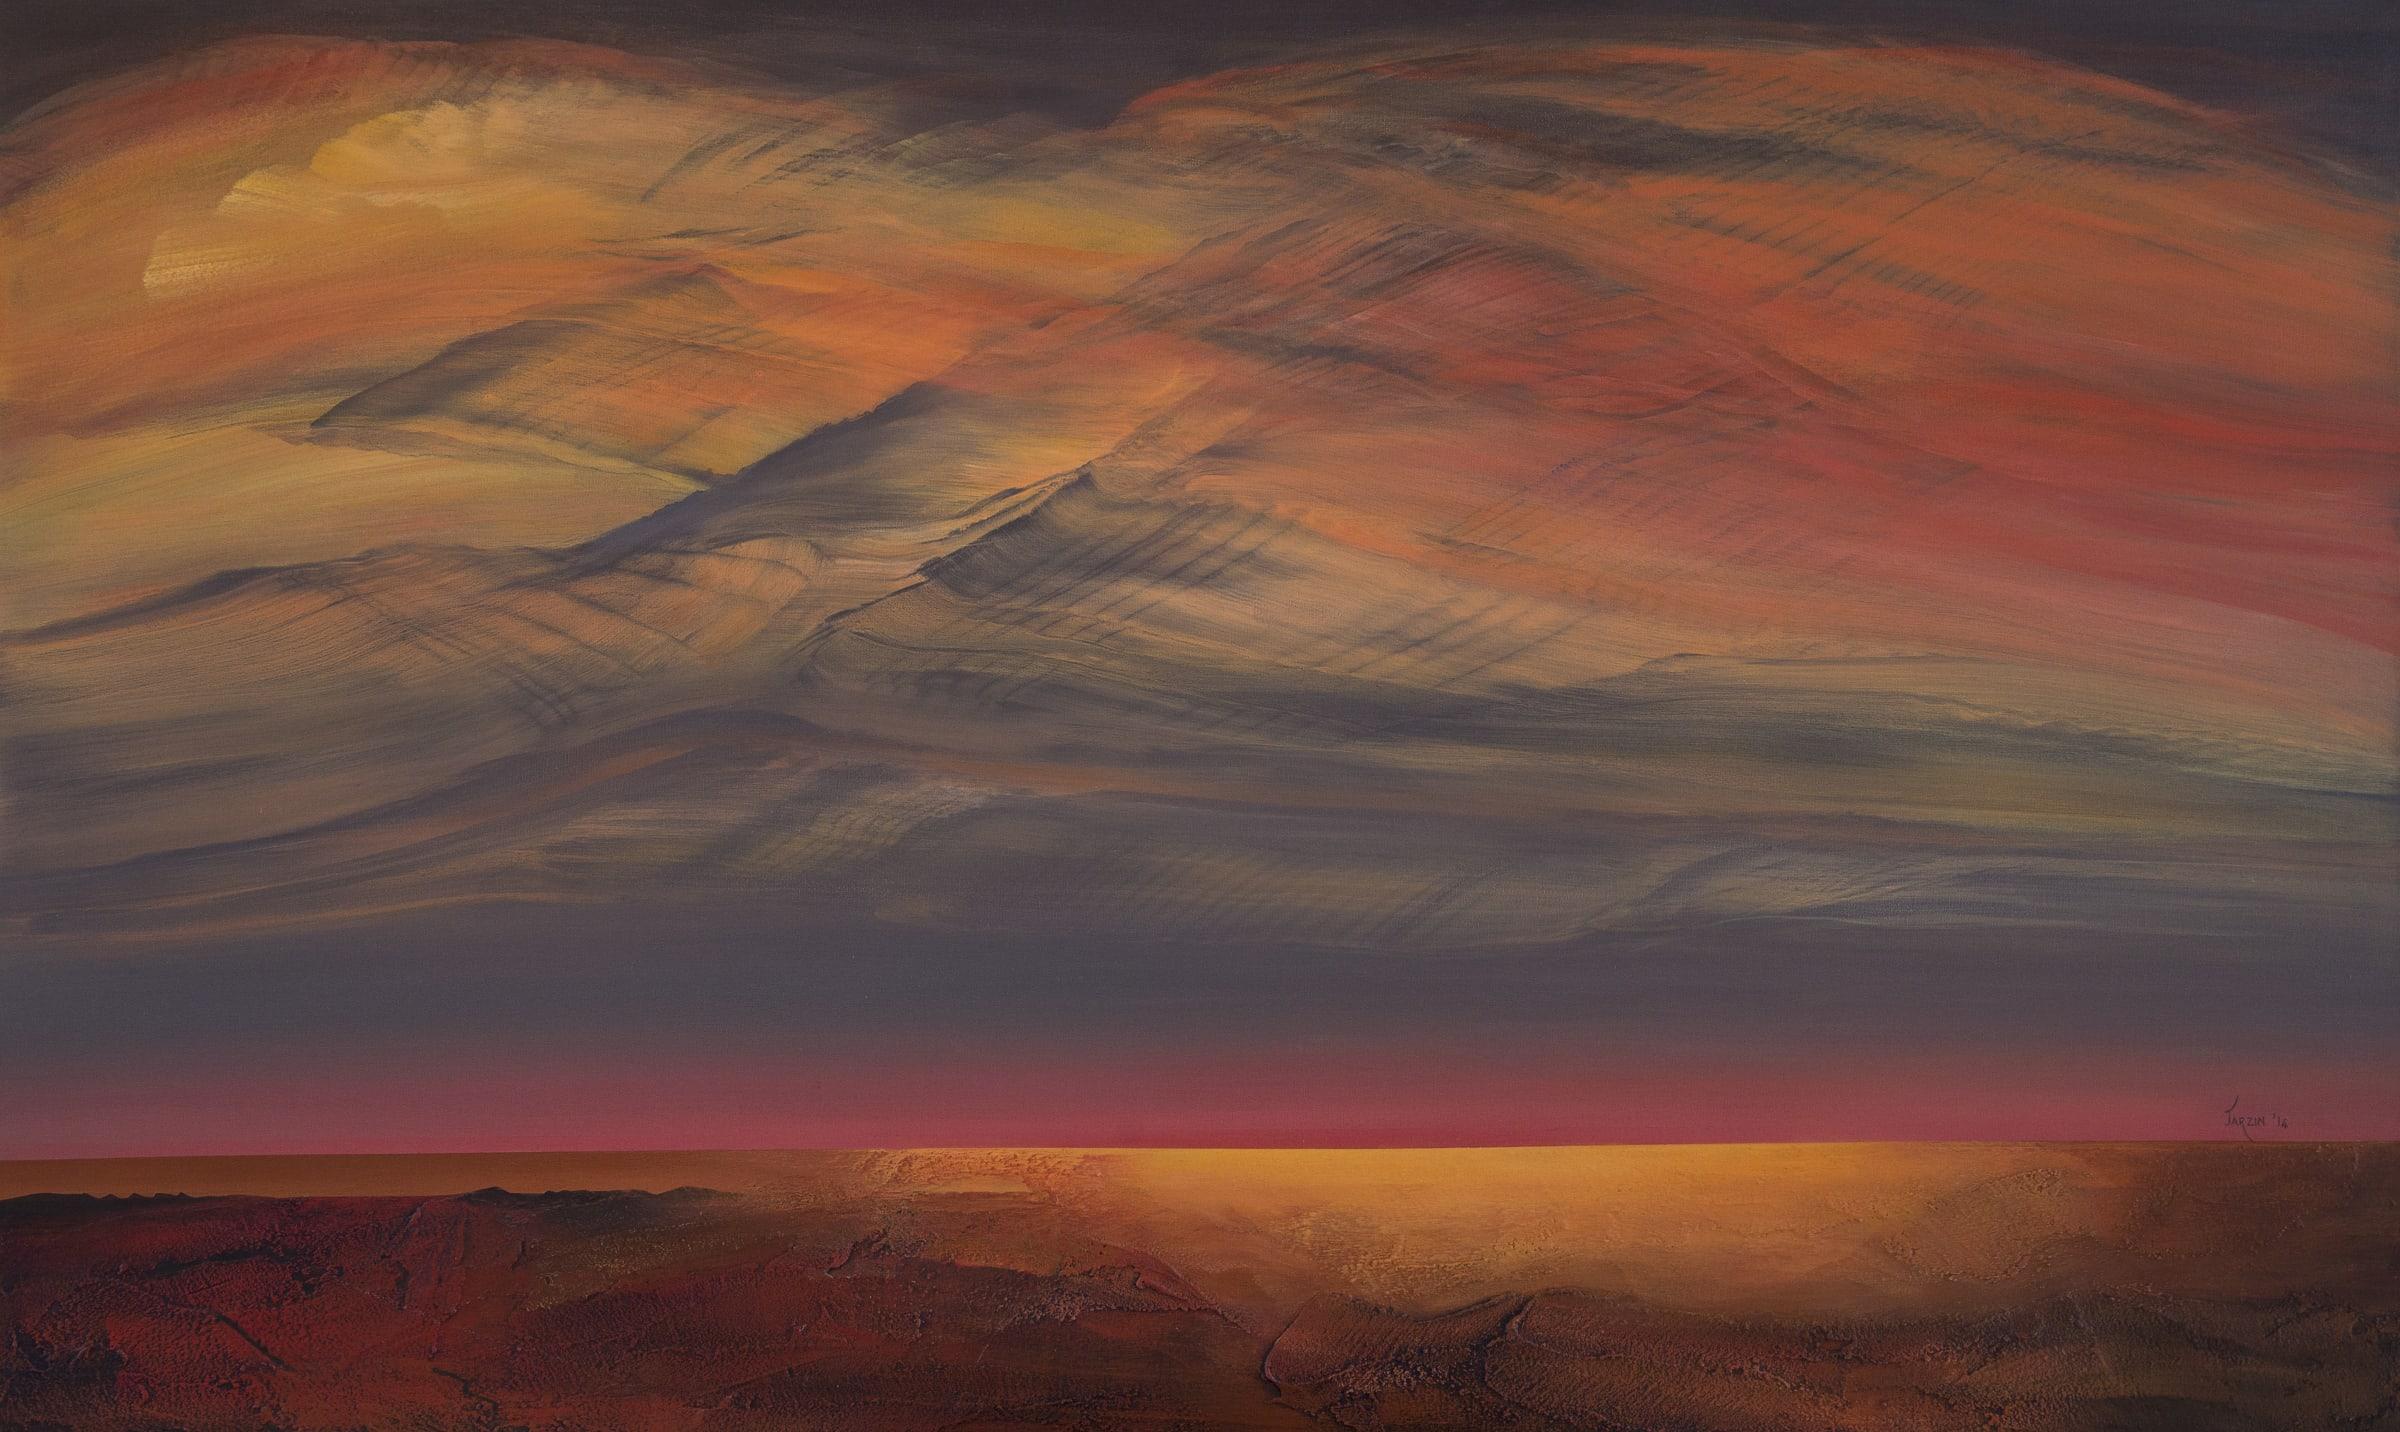 <span class=&#34;link fancybox-details-link&#34;><a href=&#34;/artworks/1014-sheila-jarzin-landscape-2014/&#34;>View Detail Page</a></span><div class=&#34;artist&#34;><strong>Sheila Jarzin</strong></div> <div class=&#34;title&#34;><em>Landscape</em>, 2014</div> <div class=&#34;medium&#34;>Oil on Canvas</div> <div class=&#34;dimensions&#34;>92cm x 152cm</div>